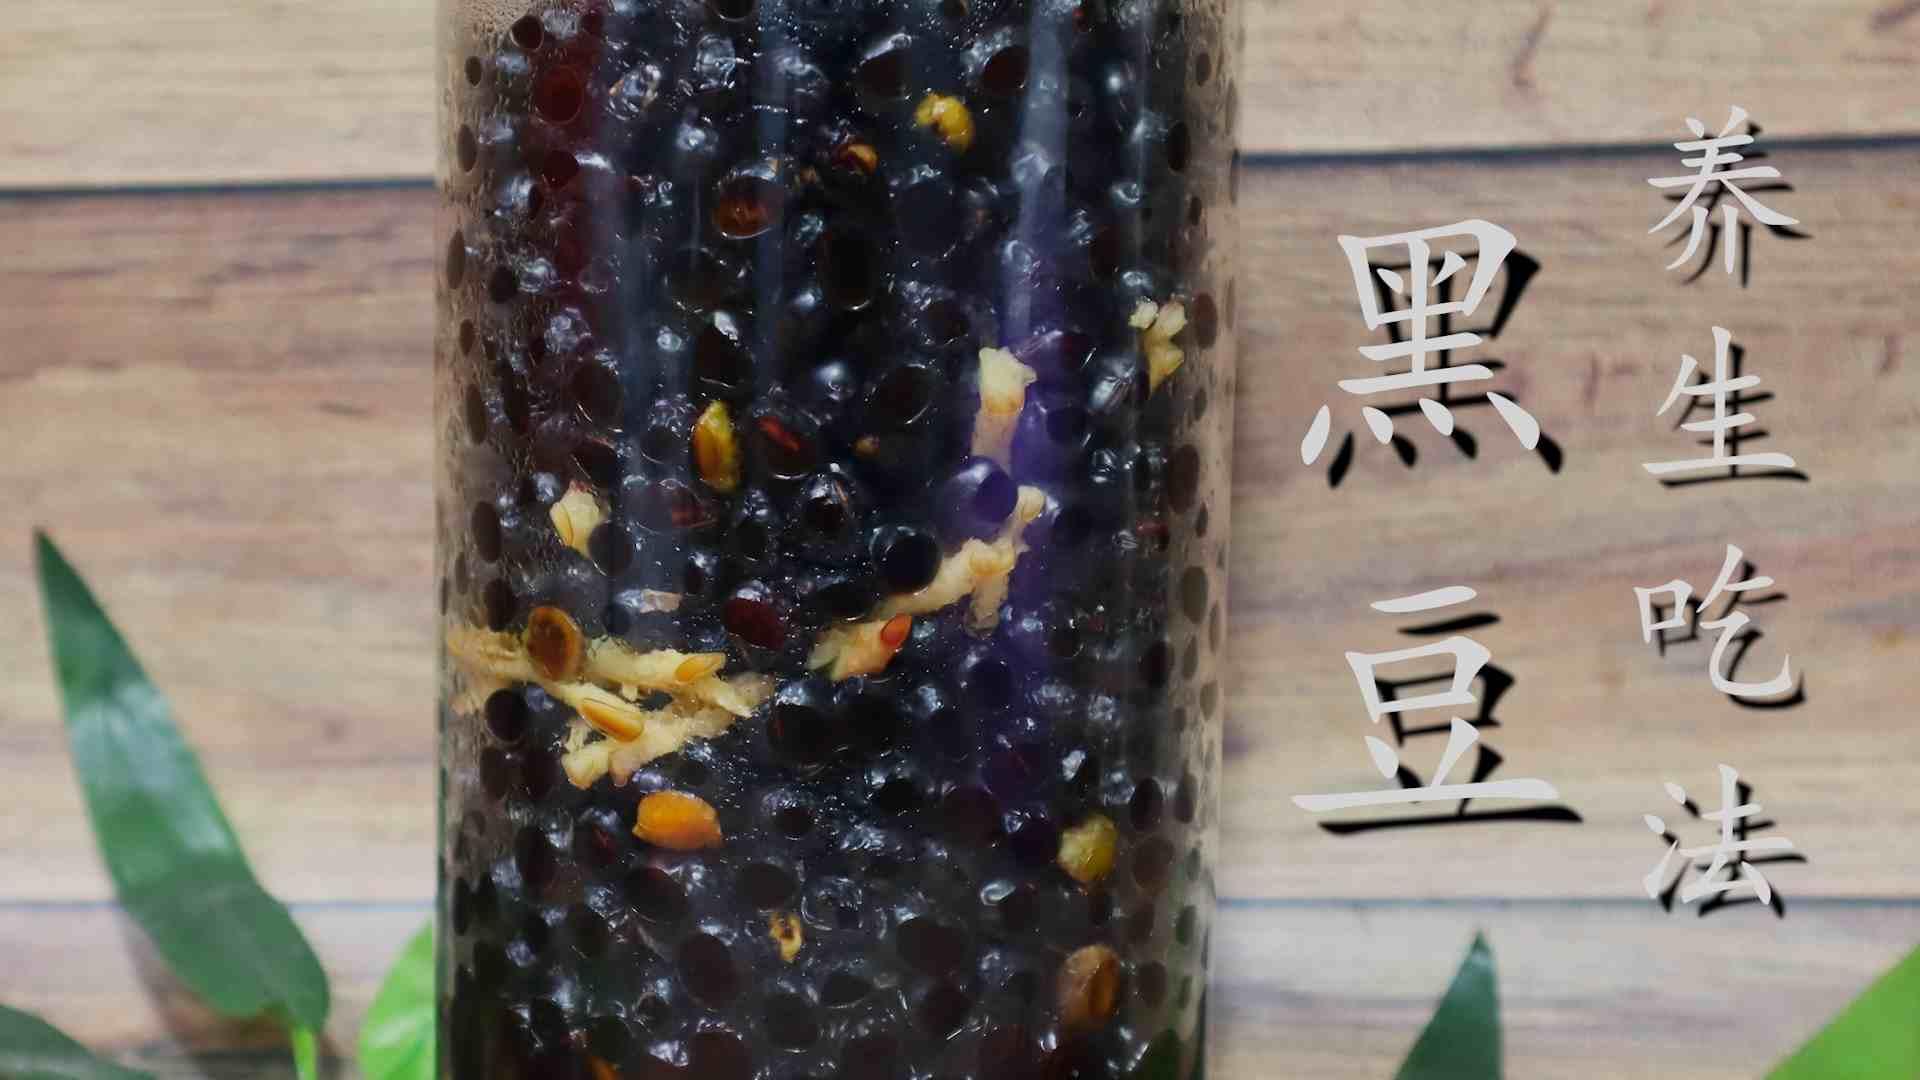 补药一堆,不如黑豆一把,教你黑豆养生吃法,不打豆浆不熬粥